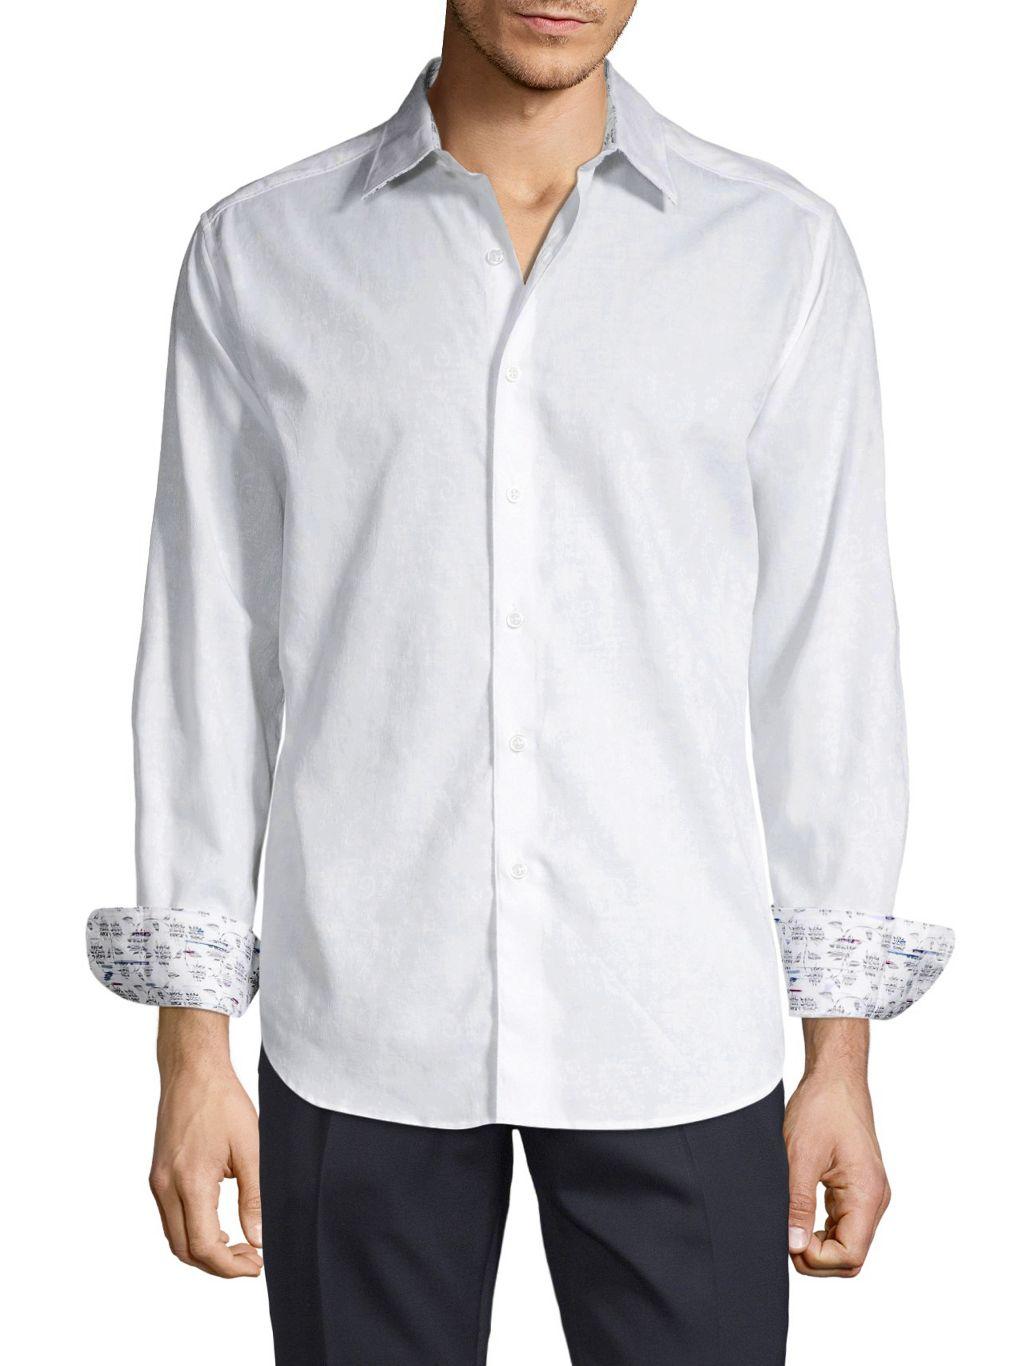 Robert Graham Long-Sleeve Contrast Button-Down Shirt